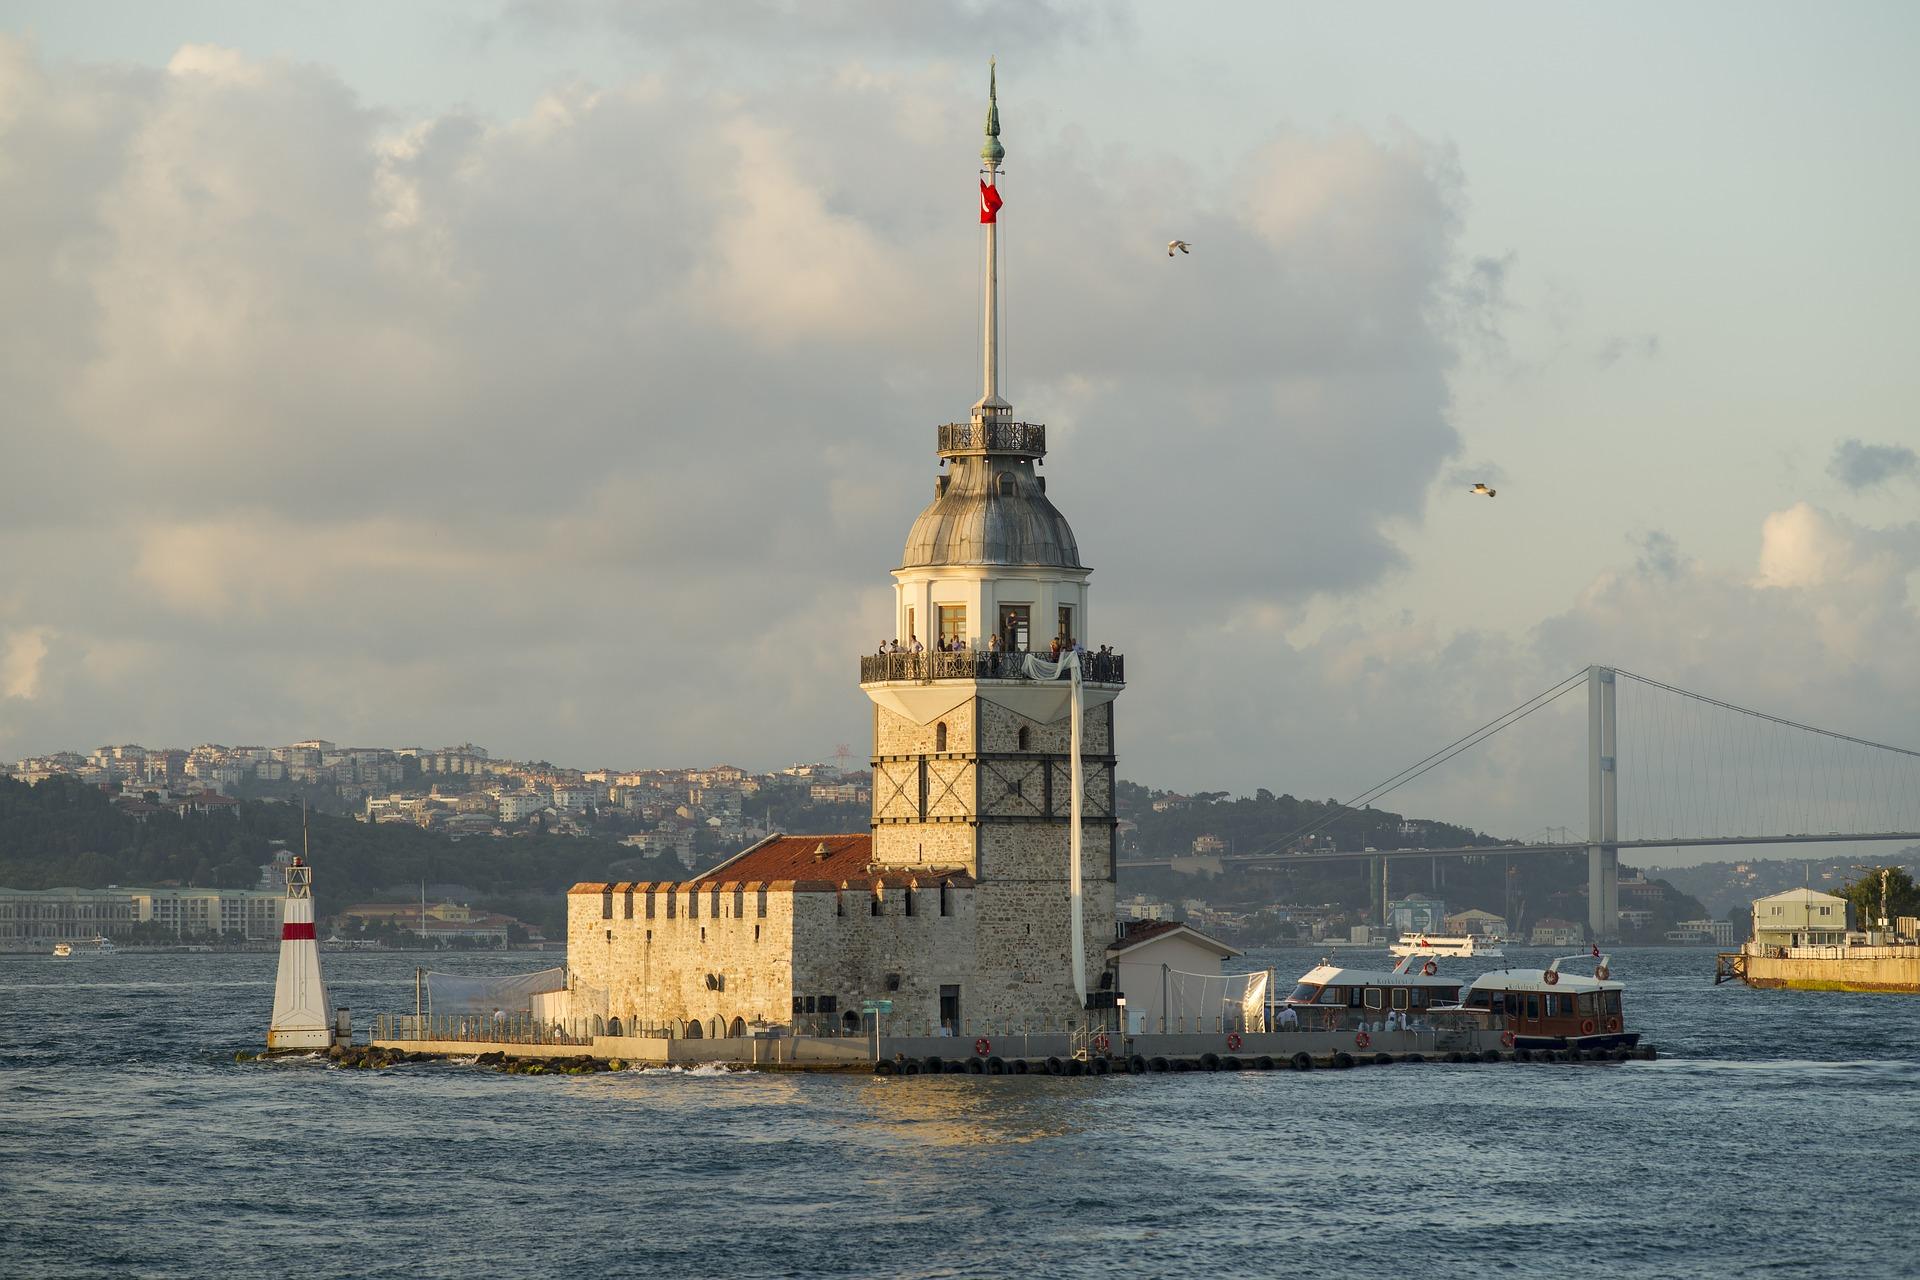 """صور لبرج الفتاة في إسطنبول الموجود في وسك البحر على مضيق البوسفور """" girl tower """""""